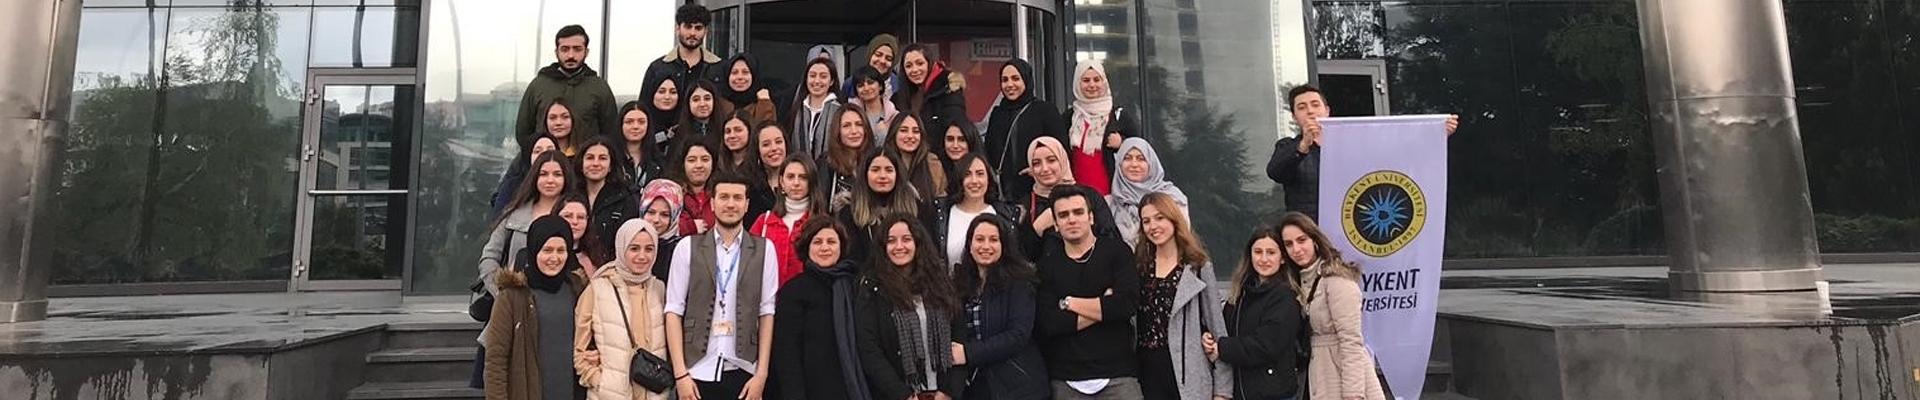 Dil ve Edebiyat Kulübü - Hürriyet Gazetesi Gezisi